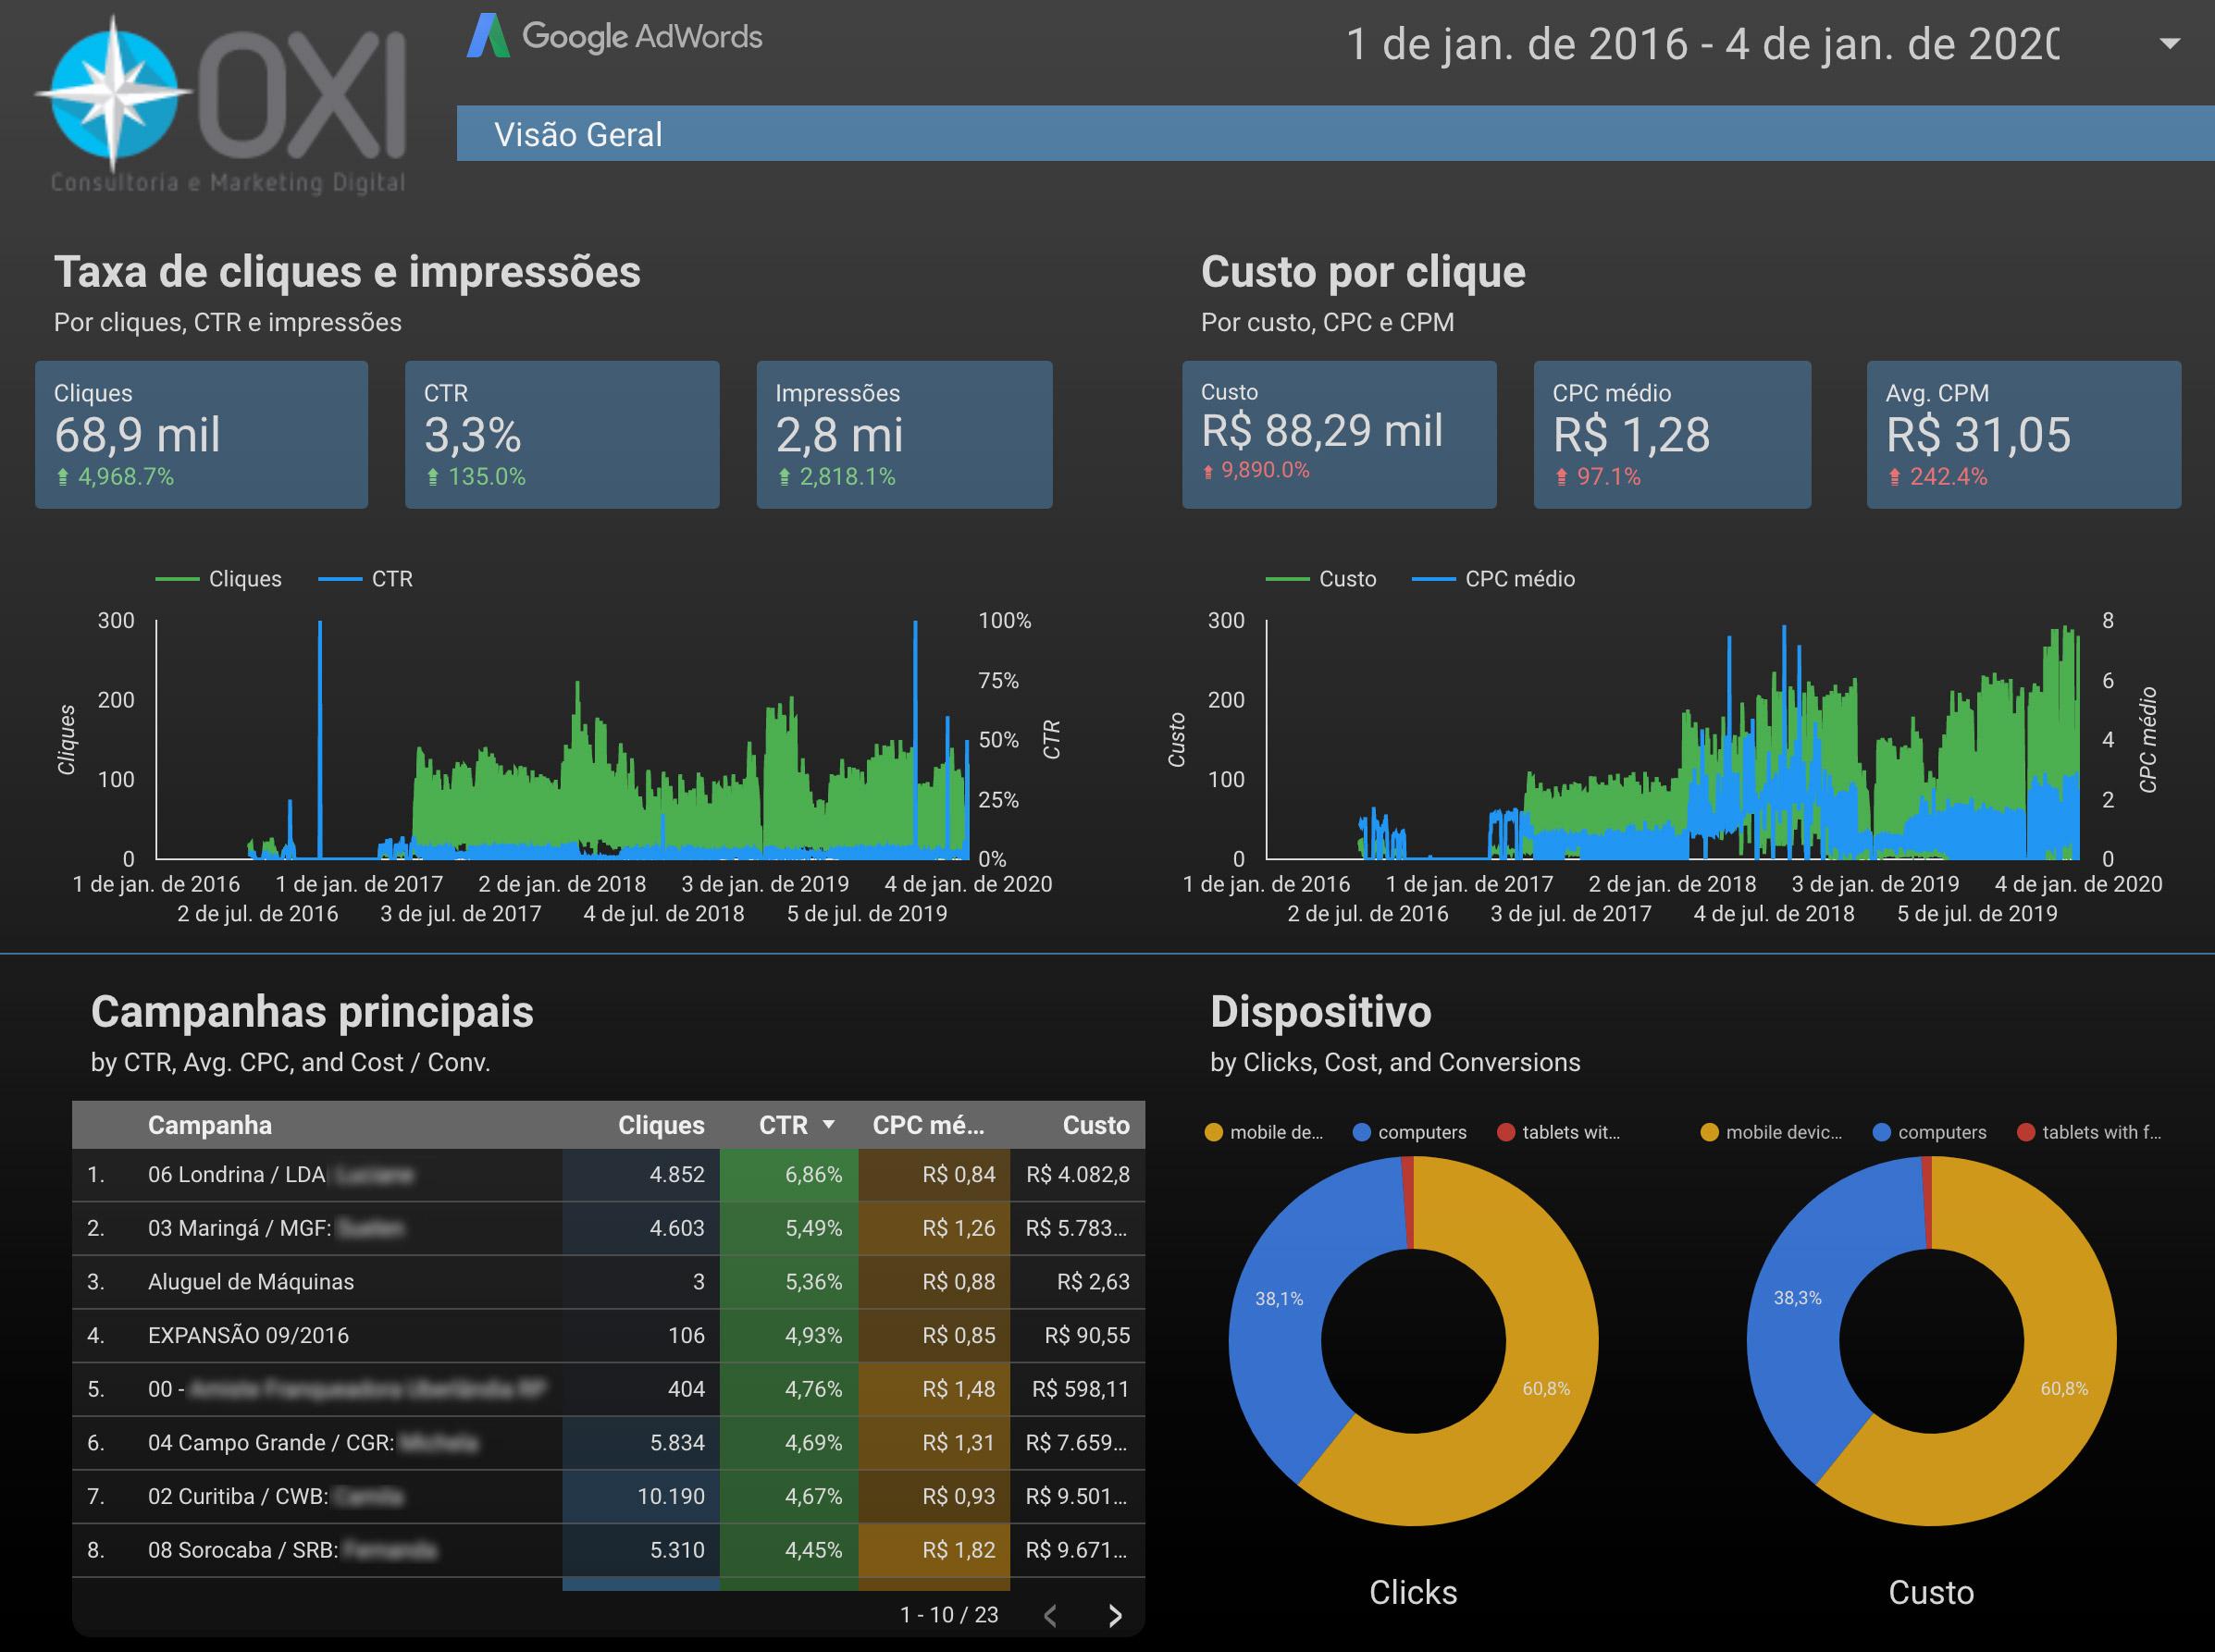 Portifólio de Campanhas de Google e anuncios da Oxi Marketing Digital em Londrina